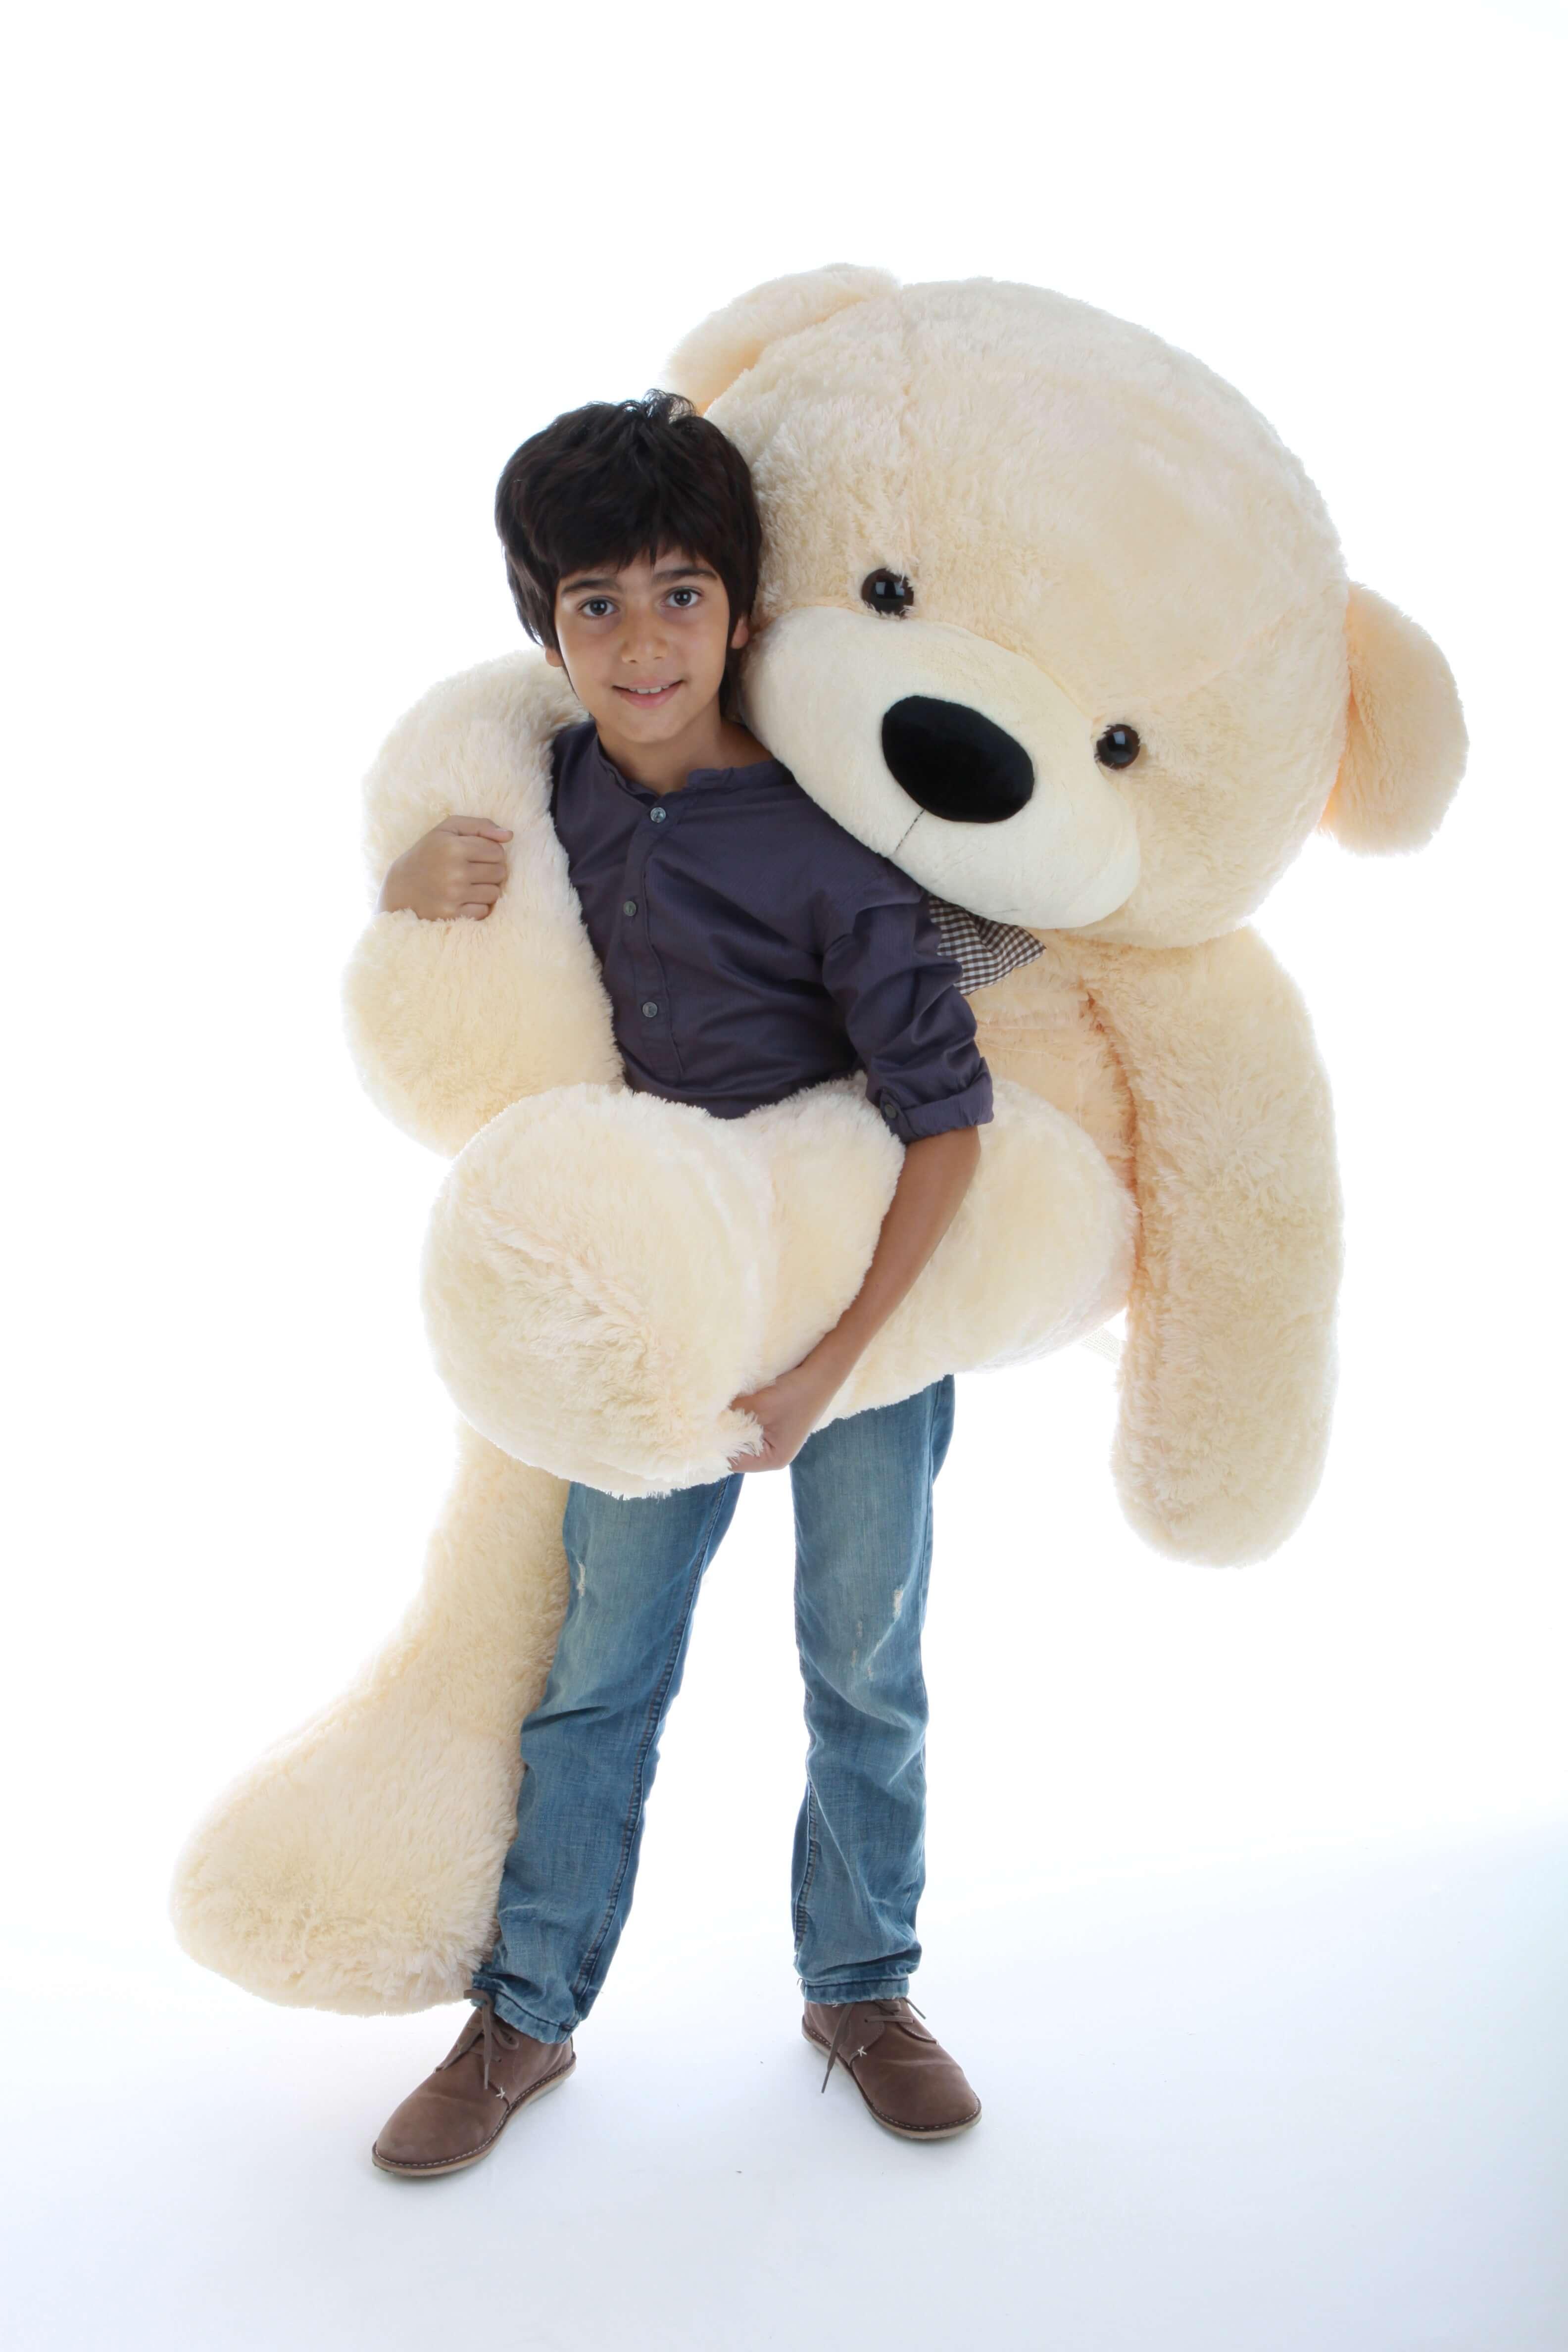 5ft-cutest-life-size-huge-teddy-bear-cozy-cuddles-cream-fur-1.jpg